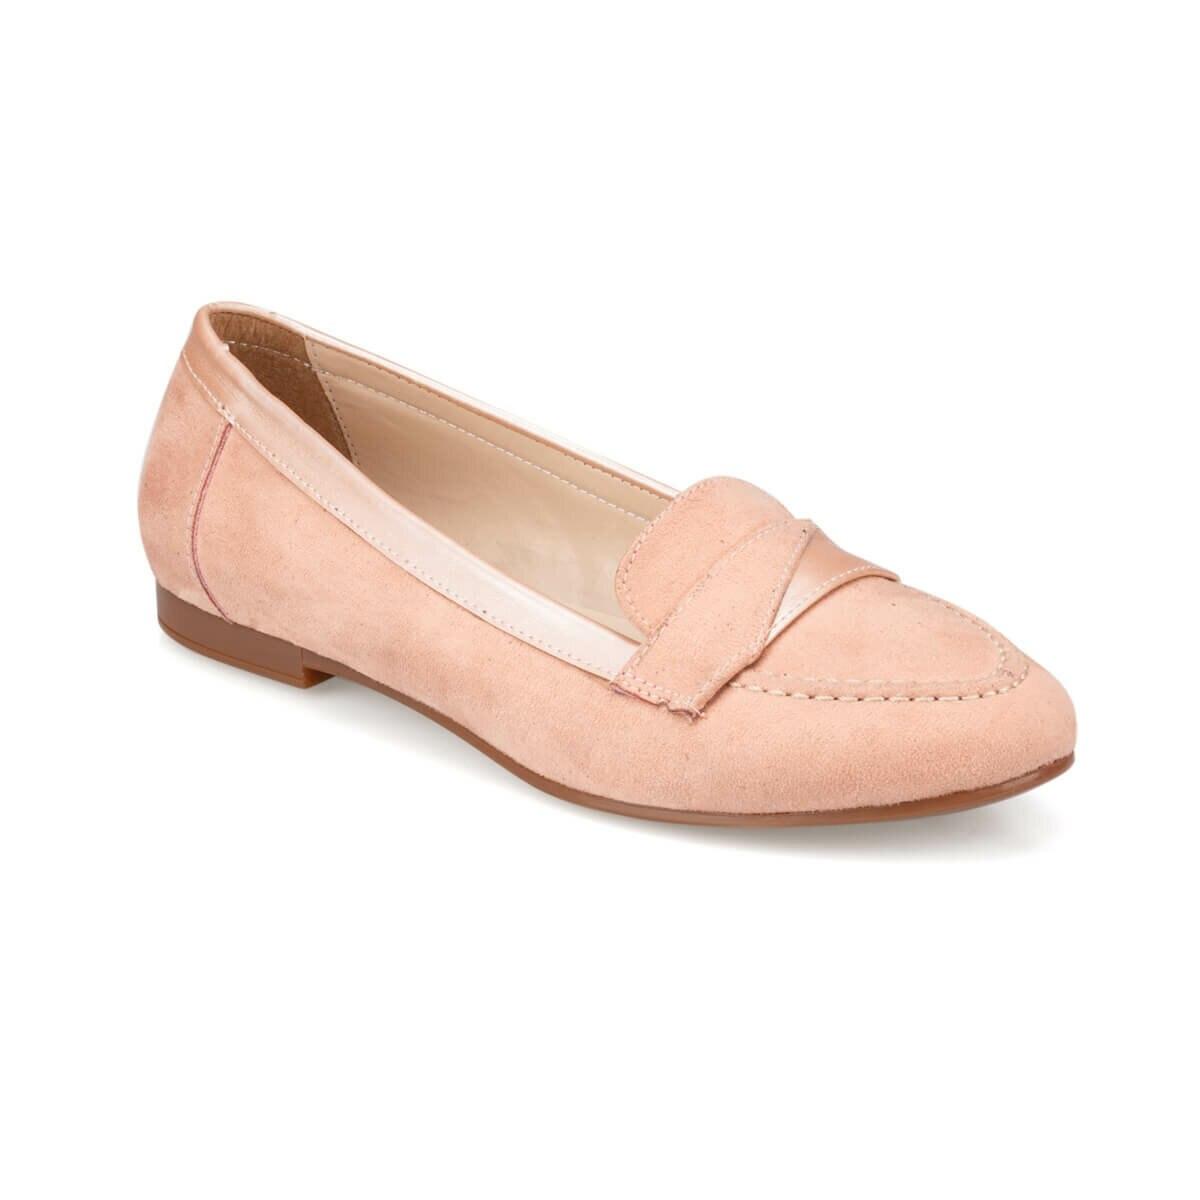 FLO 91.313048SZ Salmon Women Loafer Shoes Polaris